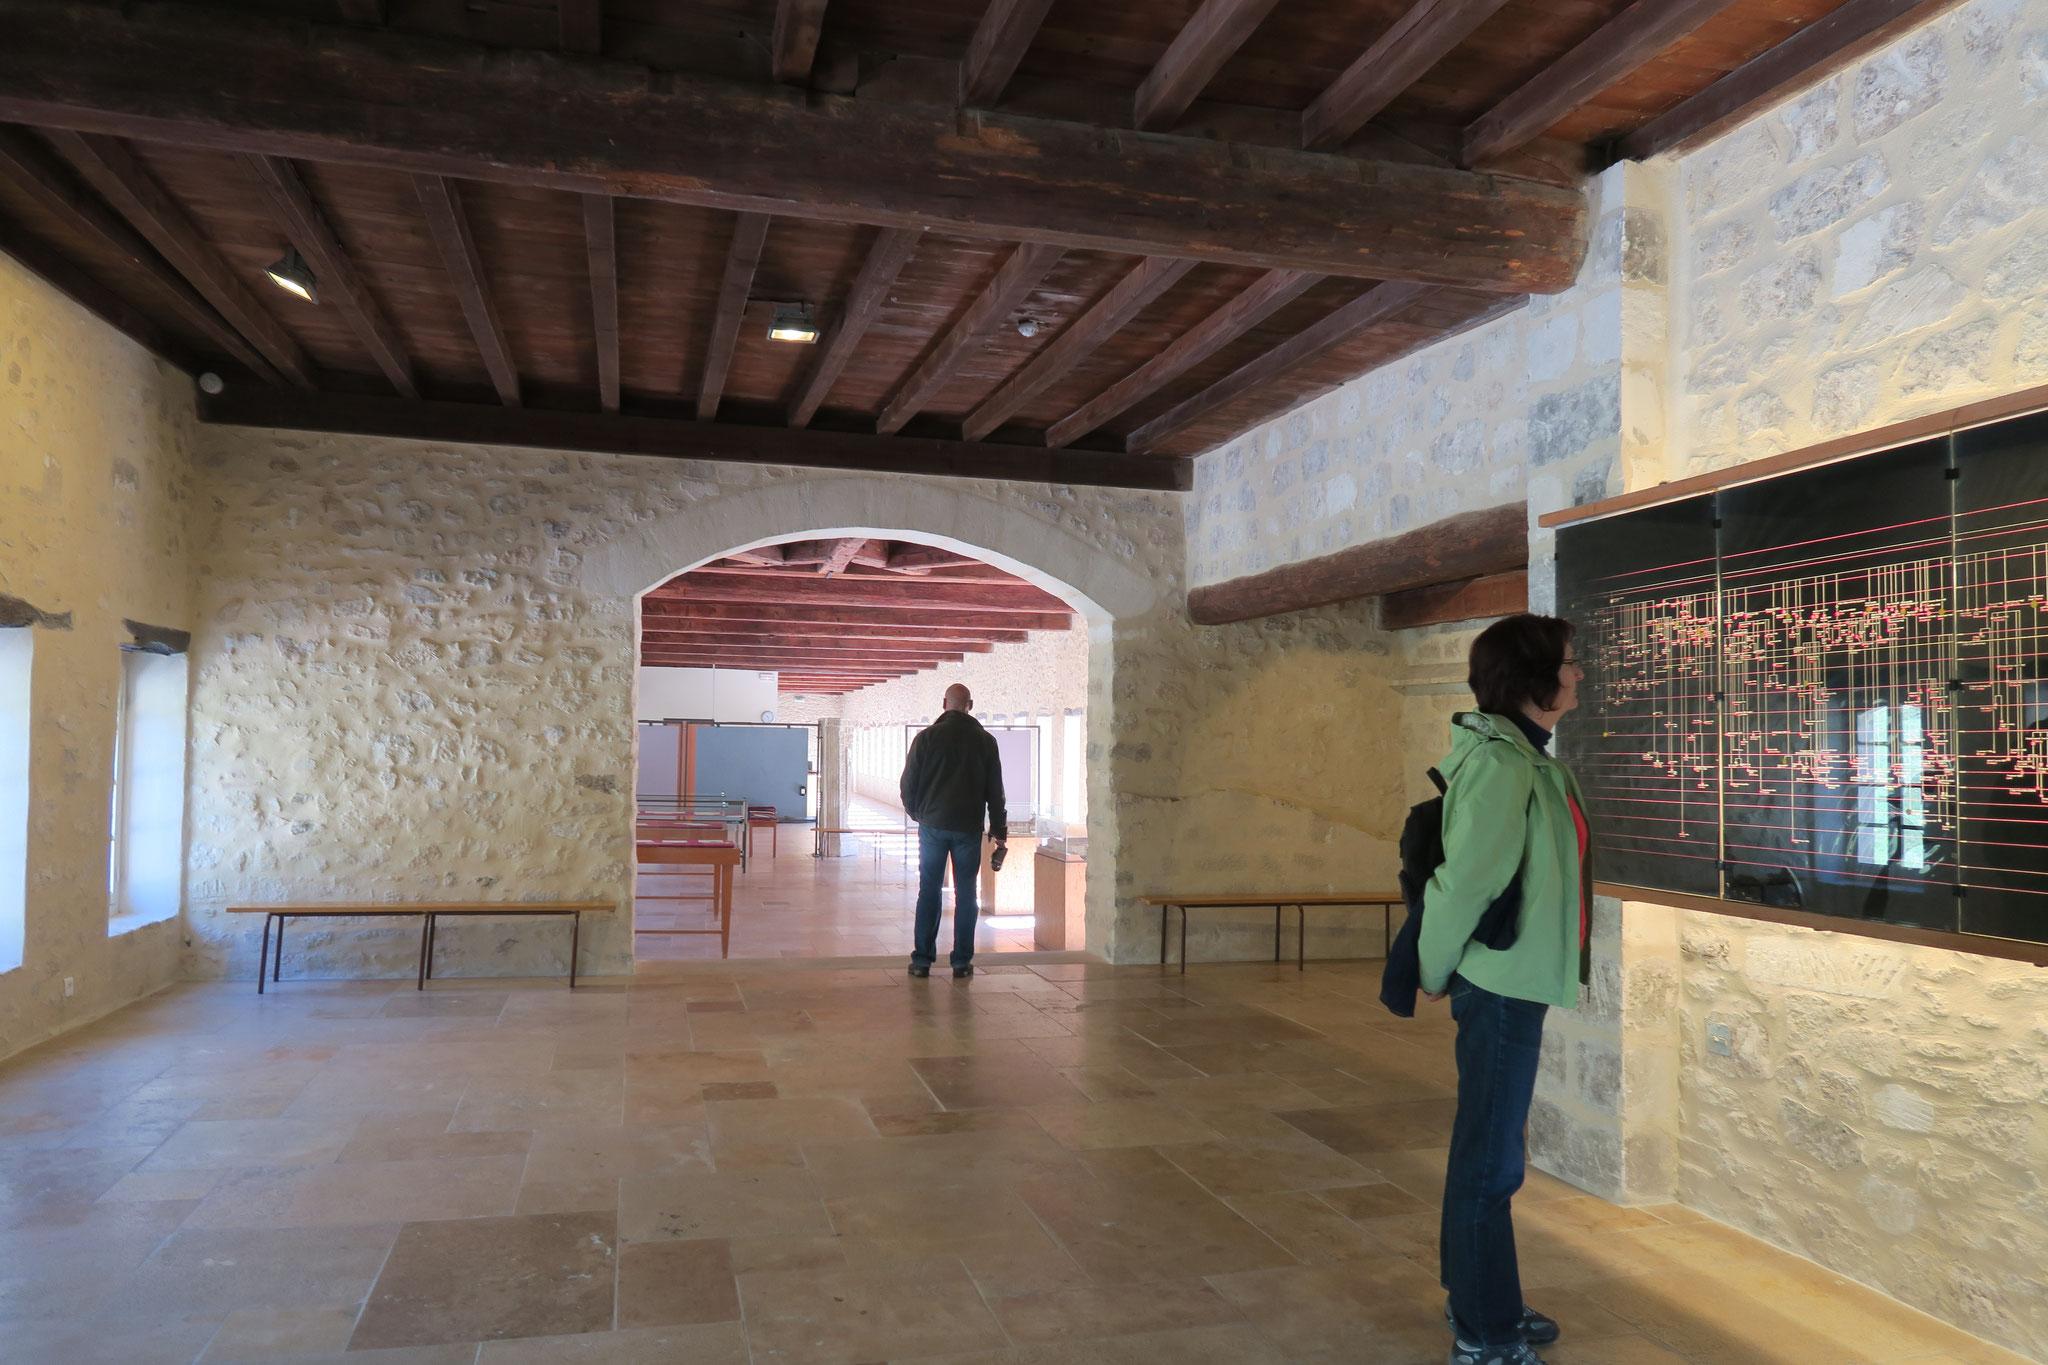 Bild: Tafel mit den Verzweigungen der Zisterzienserklöster in der Abbaye Notre-Dame de Sénanque, Gordes